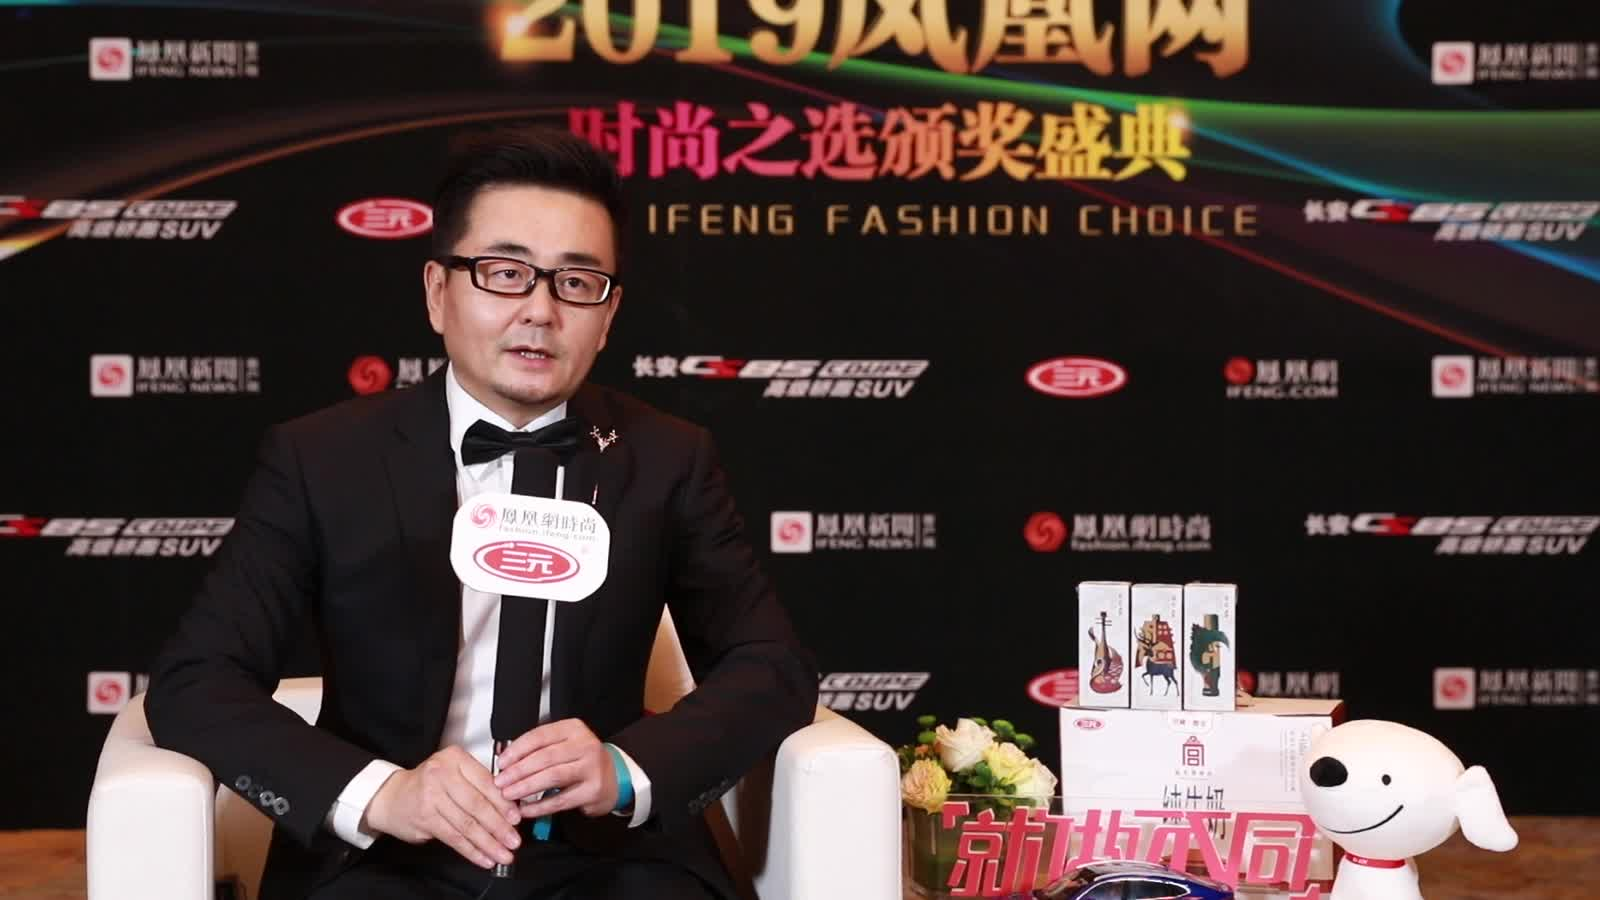 直击凤凰网时尚之选,专访北京三元食品股份有限公司副总经理魏炜先生